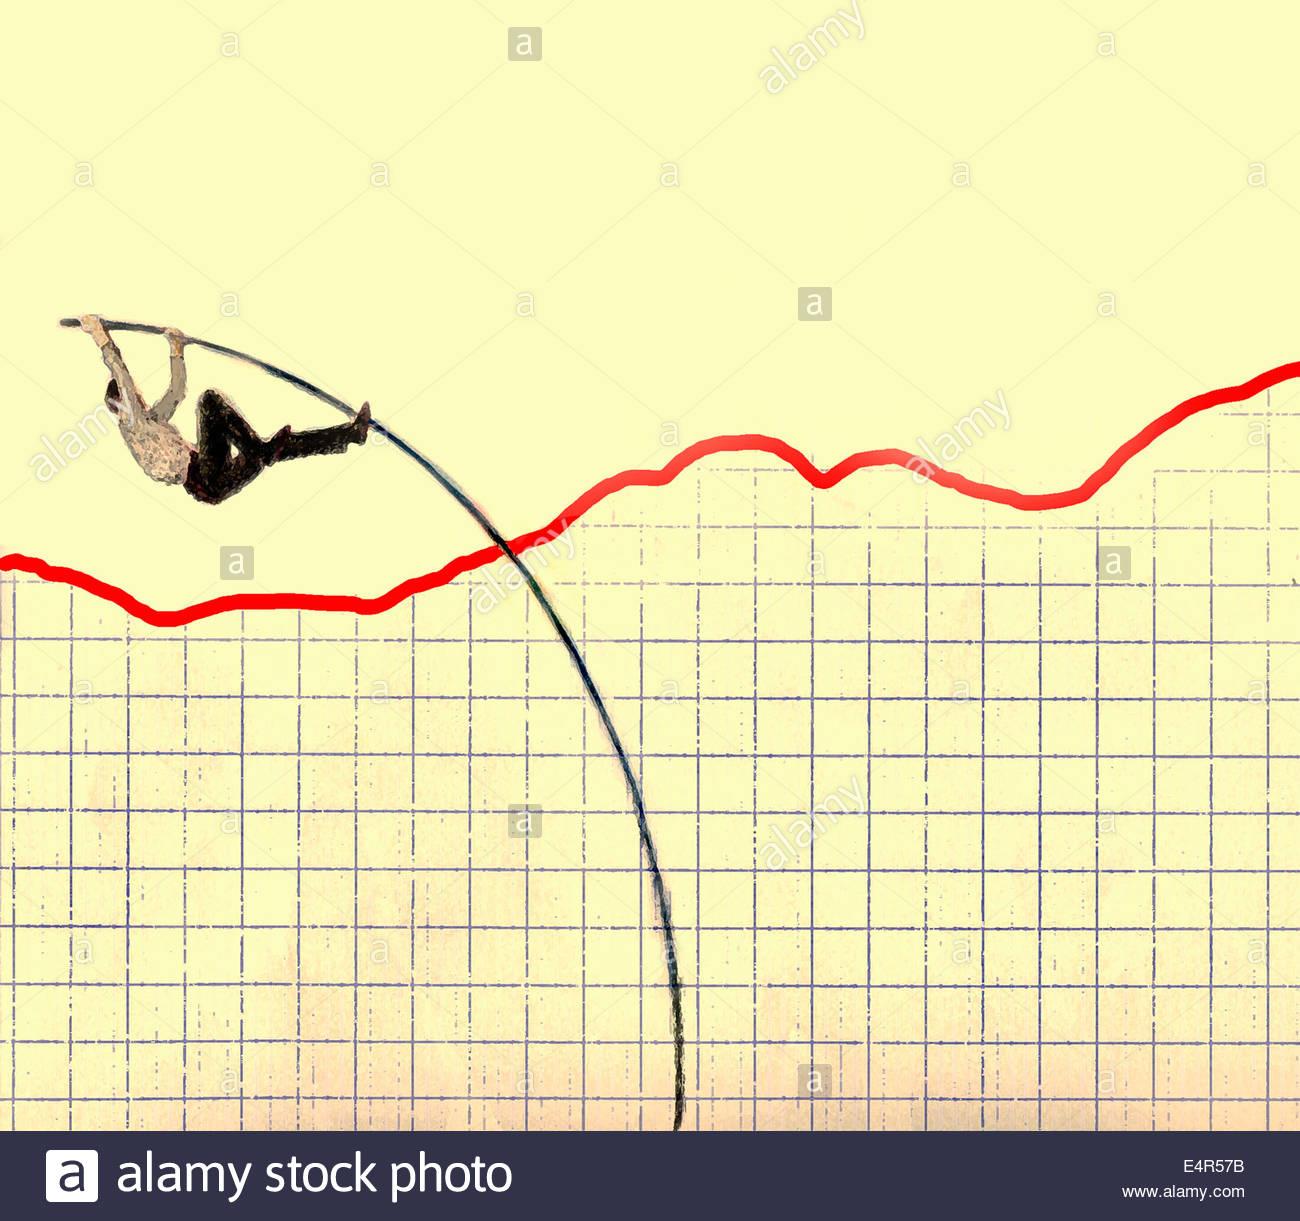 Businessman perche sur rouge ligne graphique Photo Stock